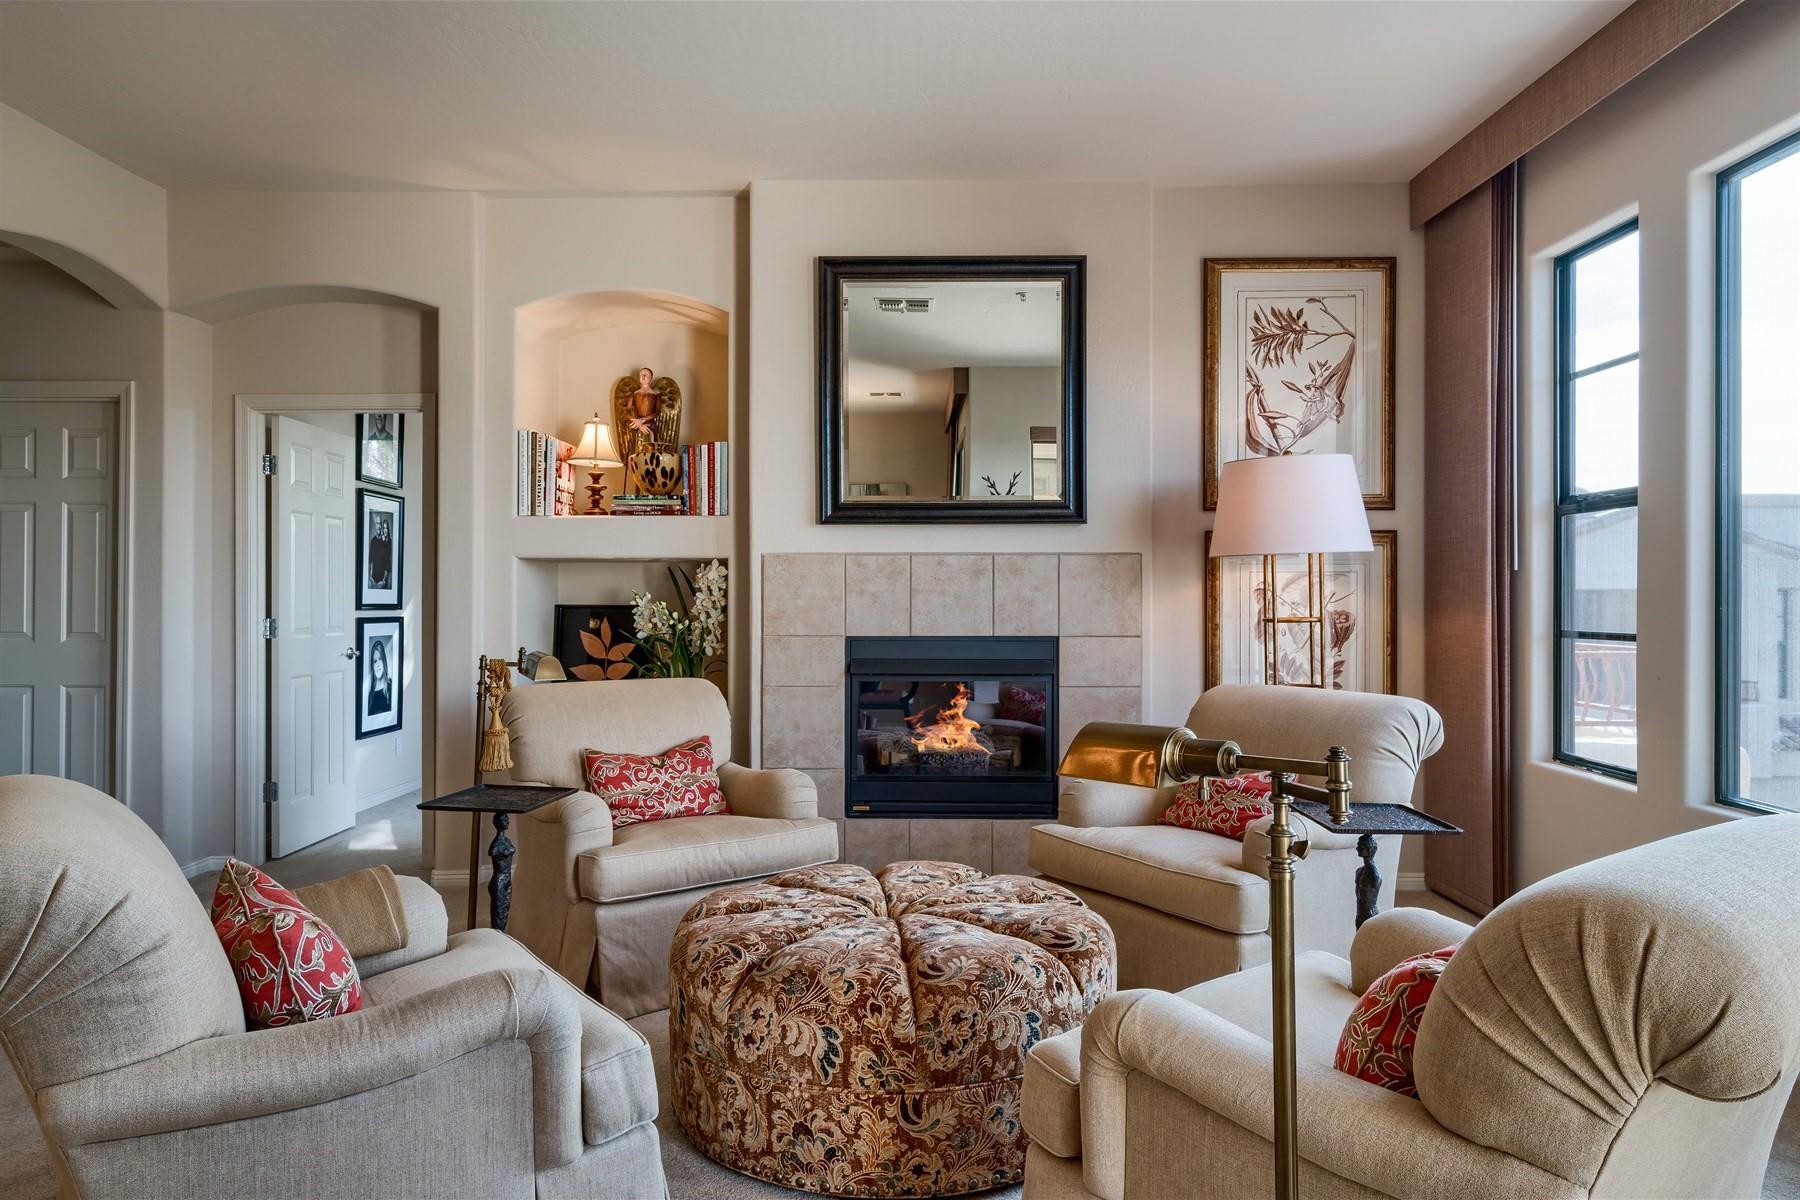 Nhà phố vì Bán tại Elegantly remodeled home in Scottsdale 19550 N Grayhawk Dr #2035 Scottsdale, Arizona, 85255 Hoa Kỳ